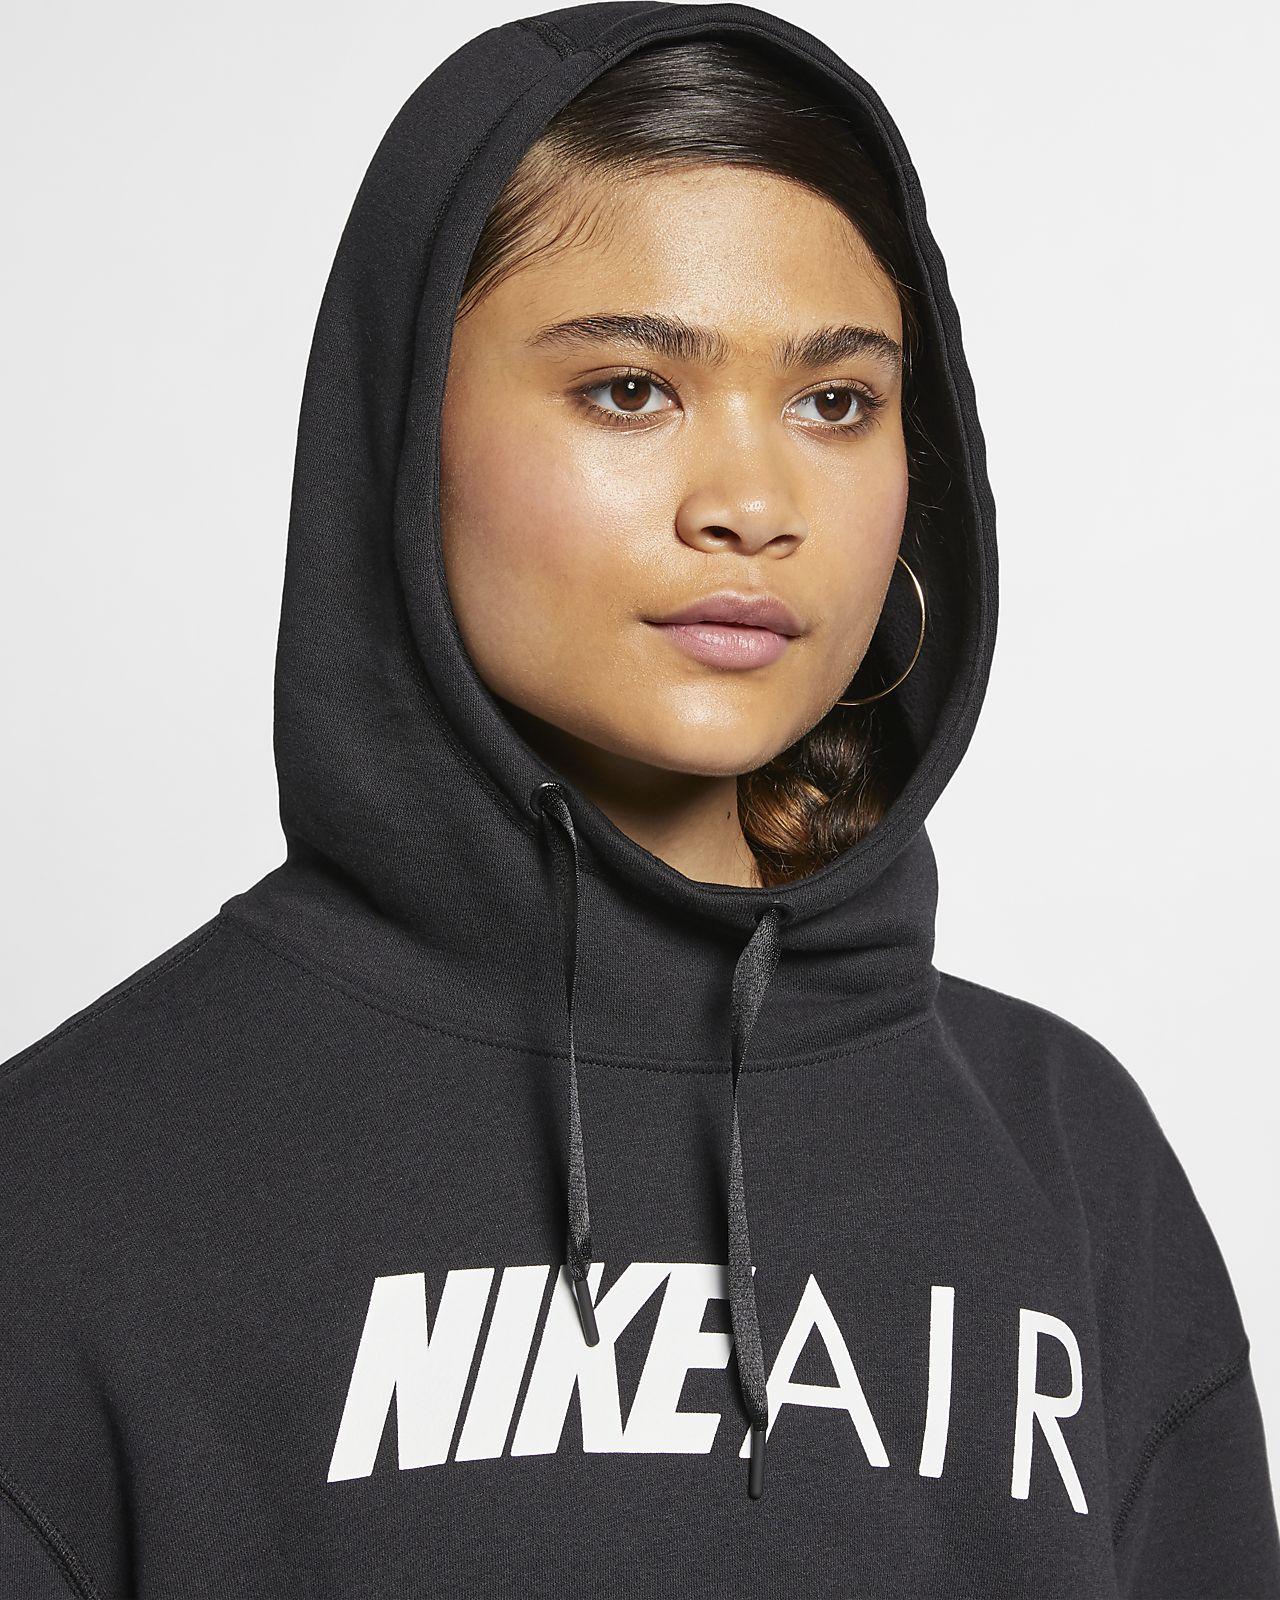 Nike Hoodie Nike Nike Air Pullover Women's Hoodie Air Women's Pullover dthsQr